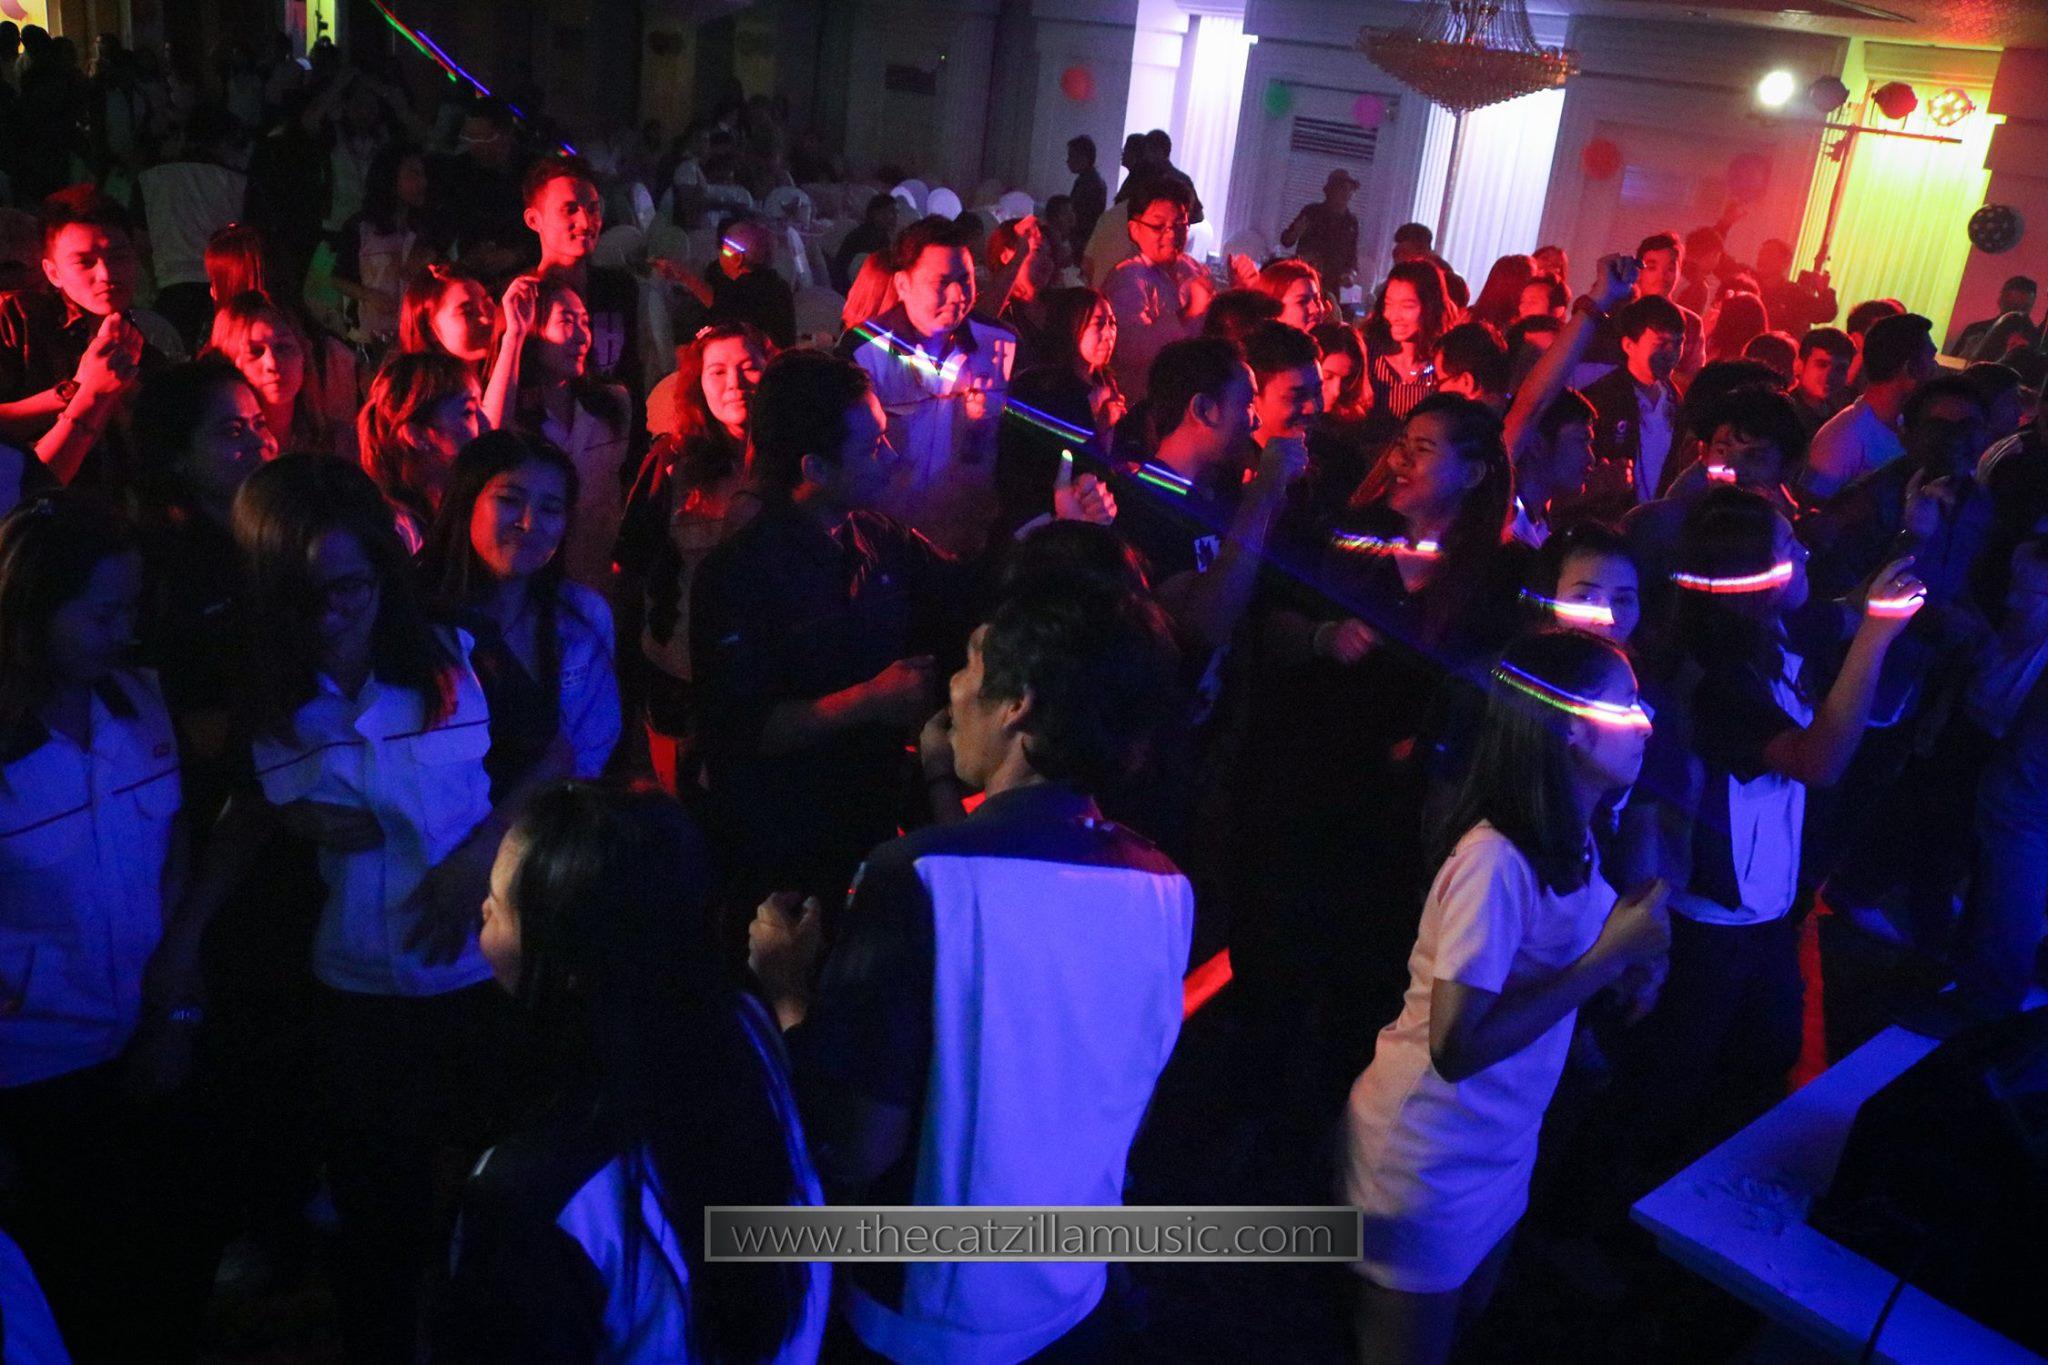 วงดนตรีงานเลี้ยง After Party งานแต่งงาน บุ๋นแบนด์ วงดนตรีสด After party wedding วงดนตรีงานแต่งงาน thecatzillamusic Avana 7